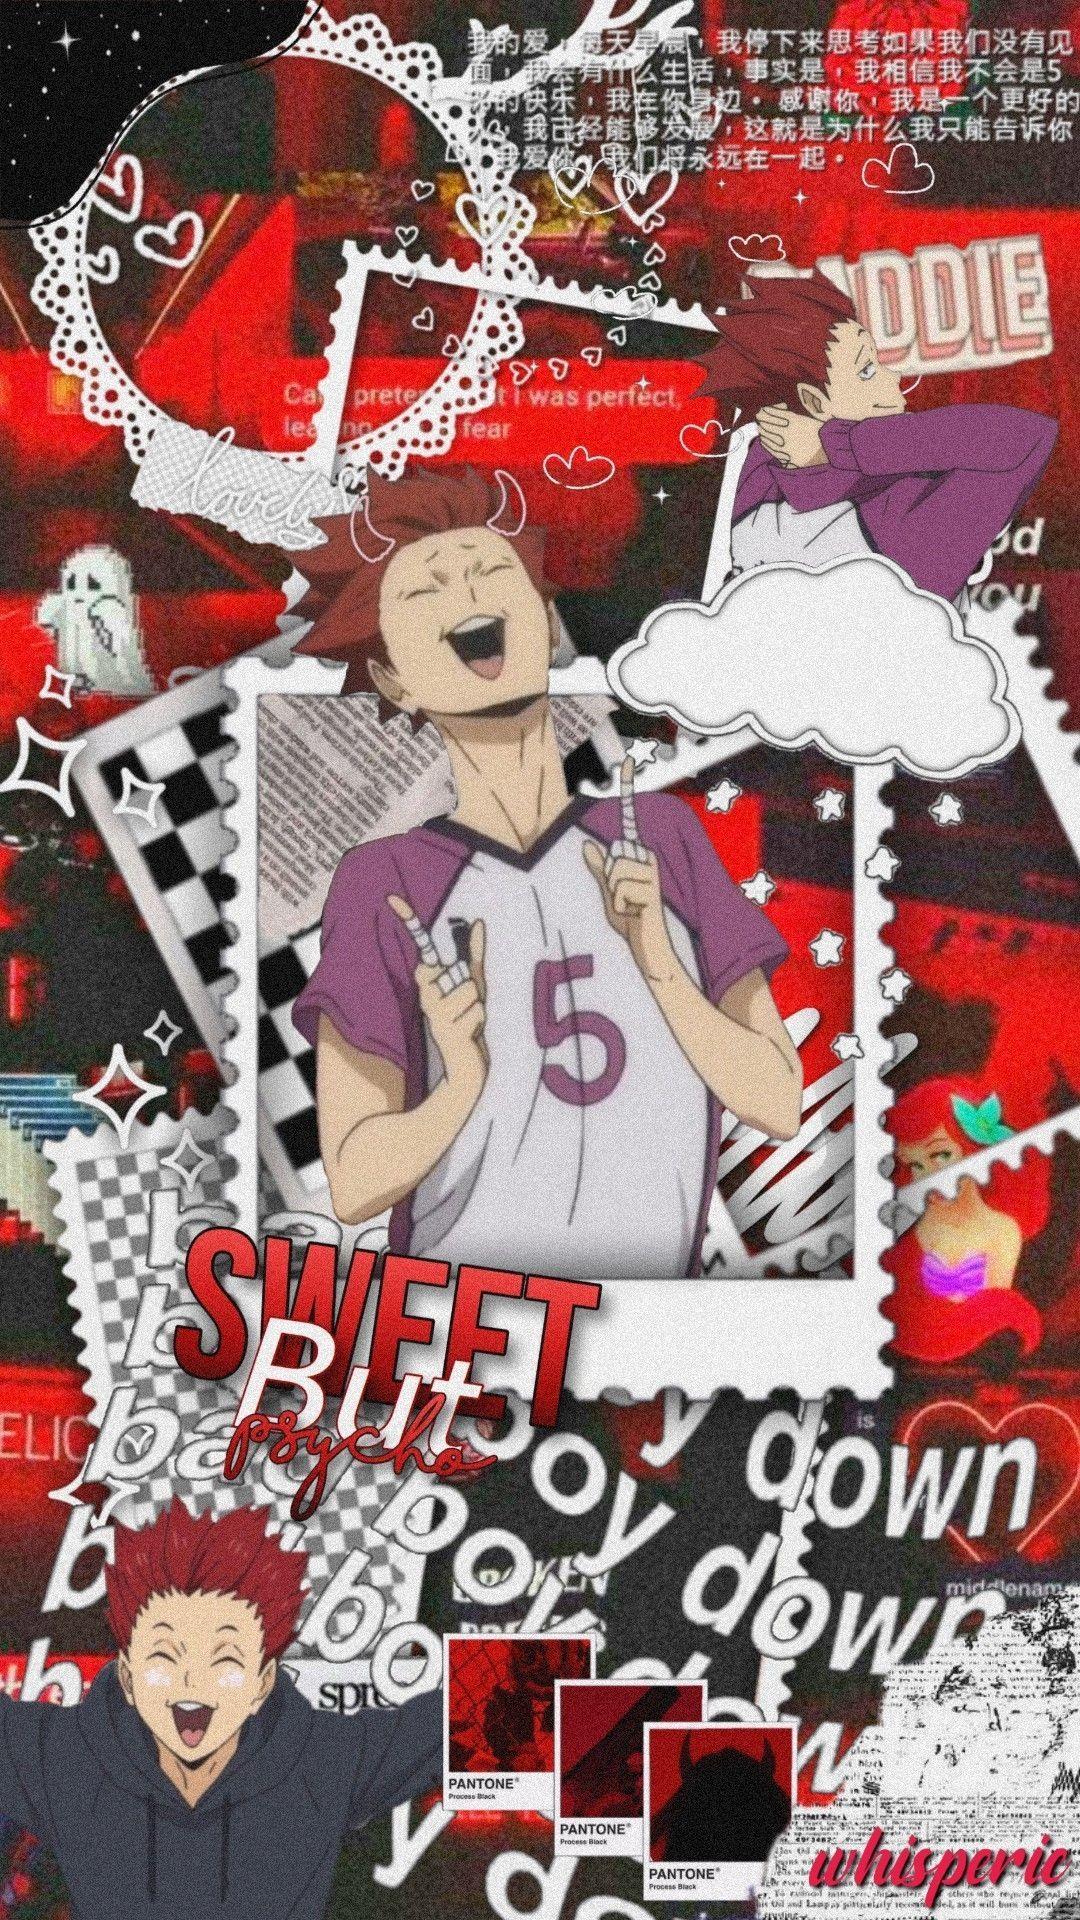 Tendou Satori Lock Screen Wallpaper In 2020 Anime Lock Screen Wallpapers Wallpaper Iphone Cute Cute Anime Wallpaper